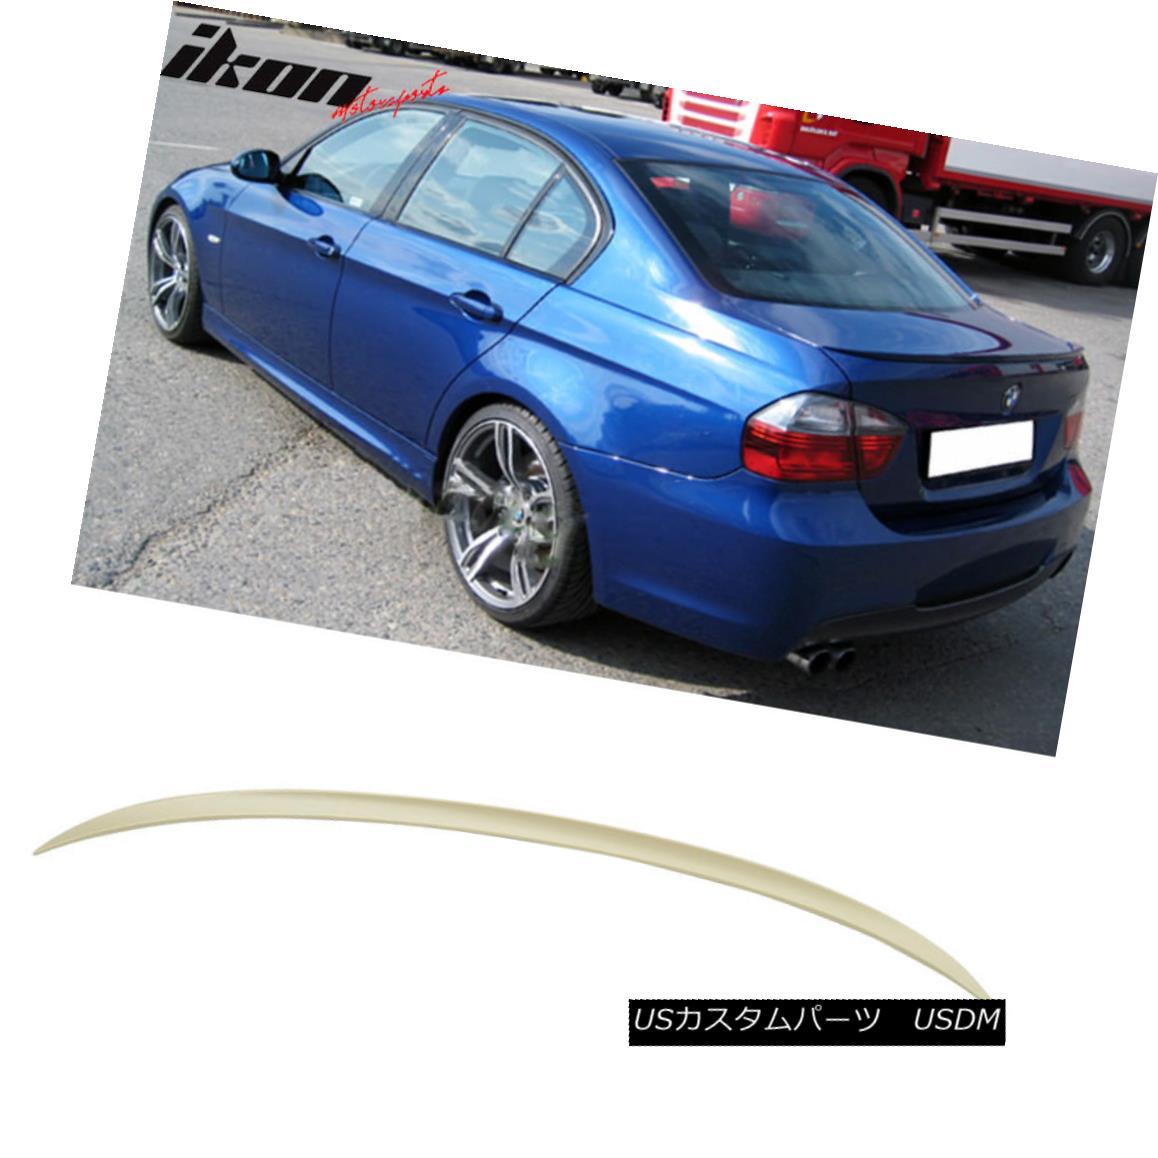 エアロパーツ Fits 06-11 BMW 3-Series E90 Sedan M3 Style Unpainted ABS Trunk Spoiler Wing フィット06-11 BMW 3シリーズE90セダンM3スタイル無塗装ABSトランクスポイラーウイング